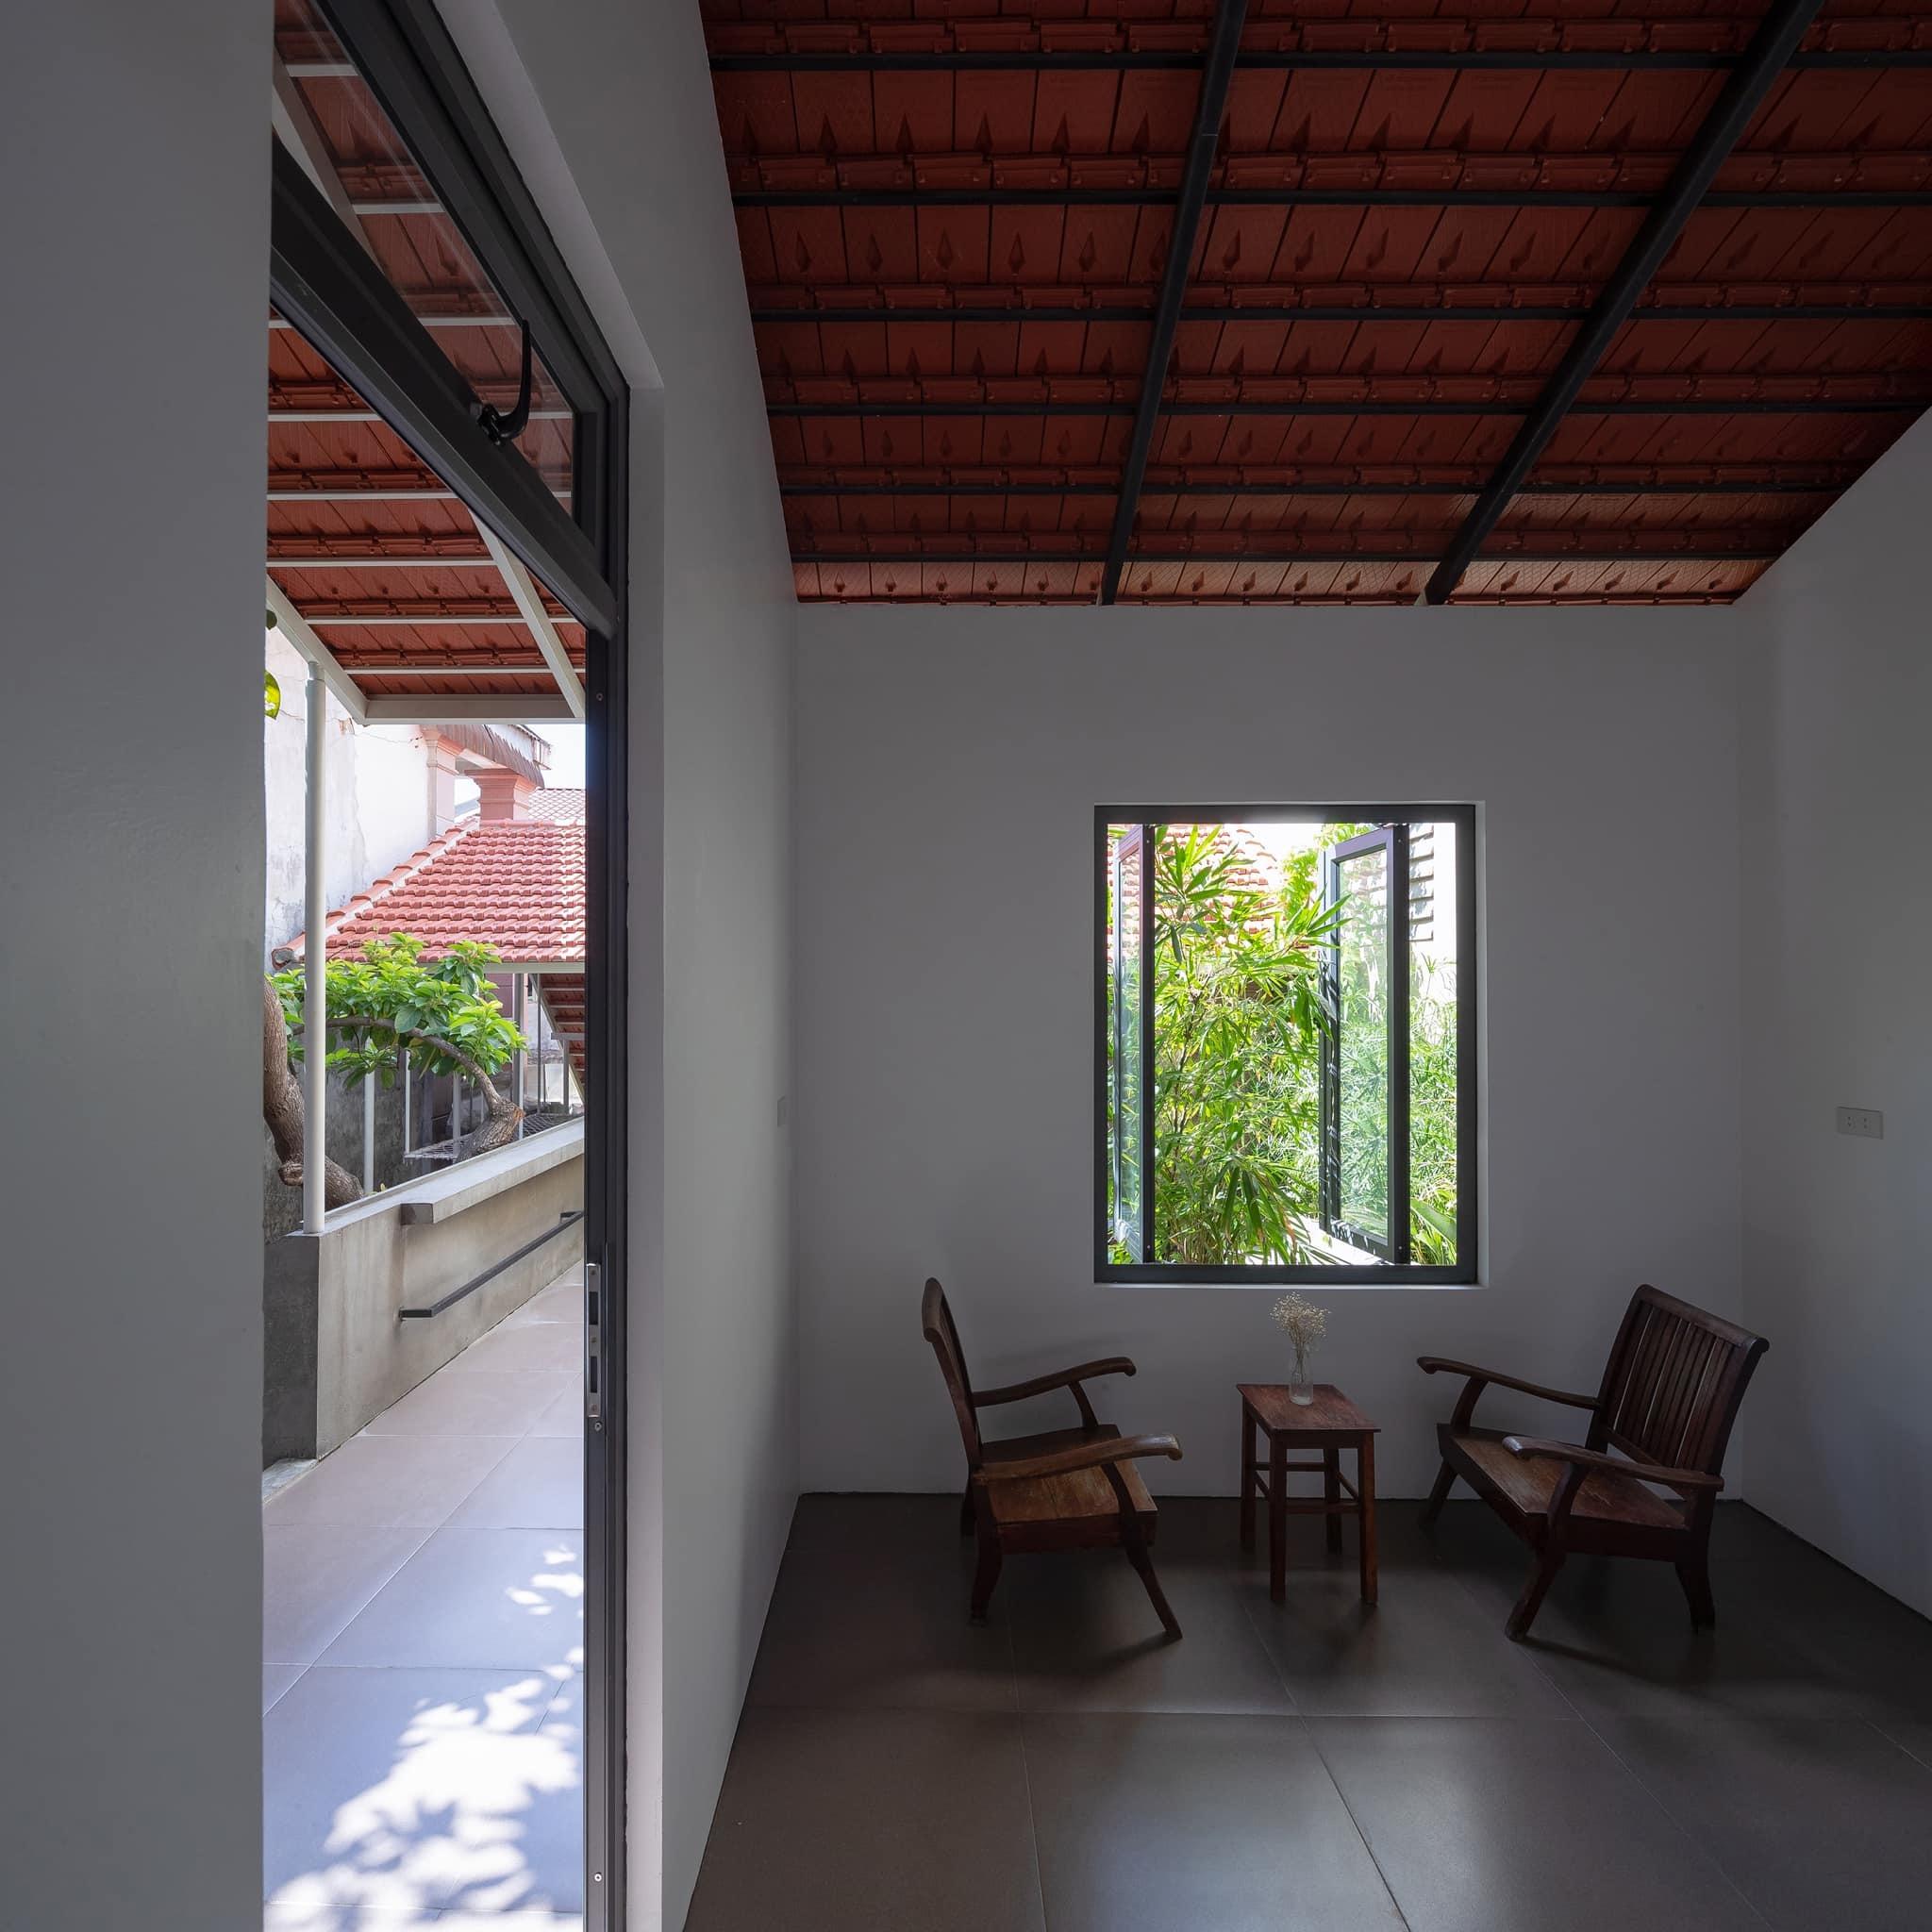 Ngôi nhà trát xi măng, xây hết 800 triệu đồng của nhiếp ảnh gia Nghệ An-3